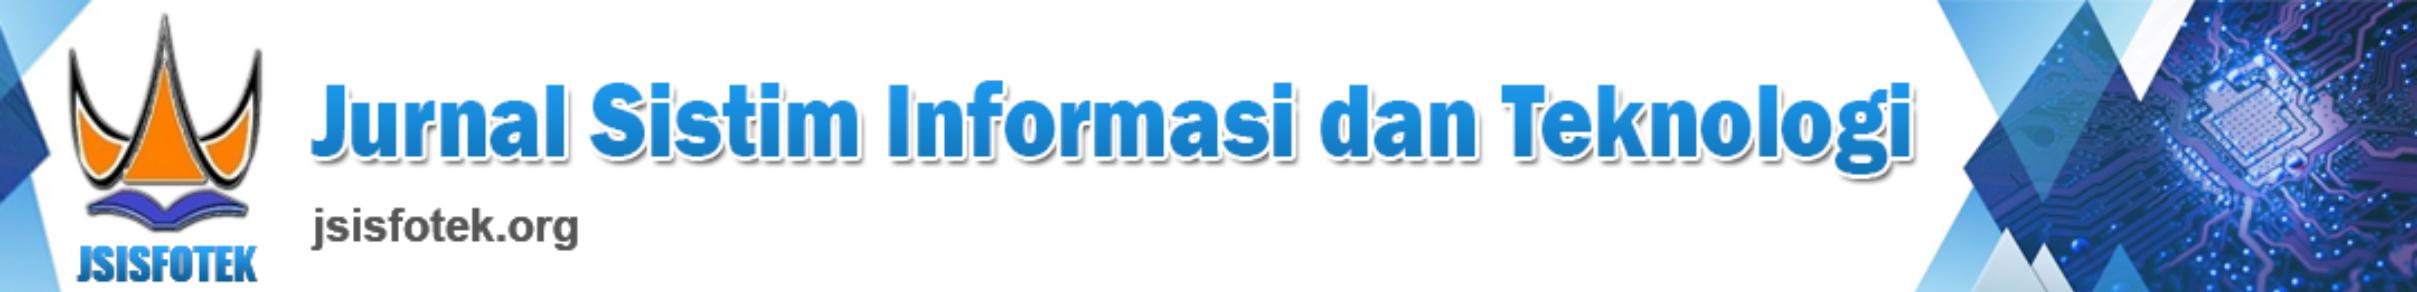 Jurnal Sistim Informasi dan Teknologi